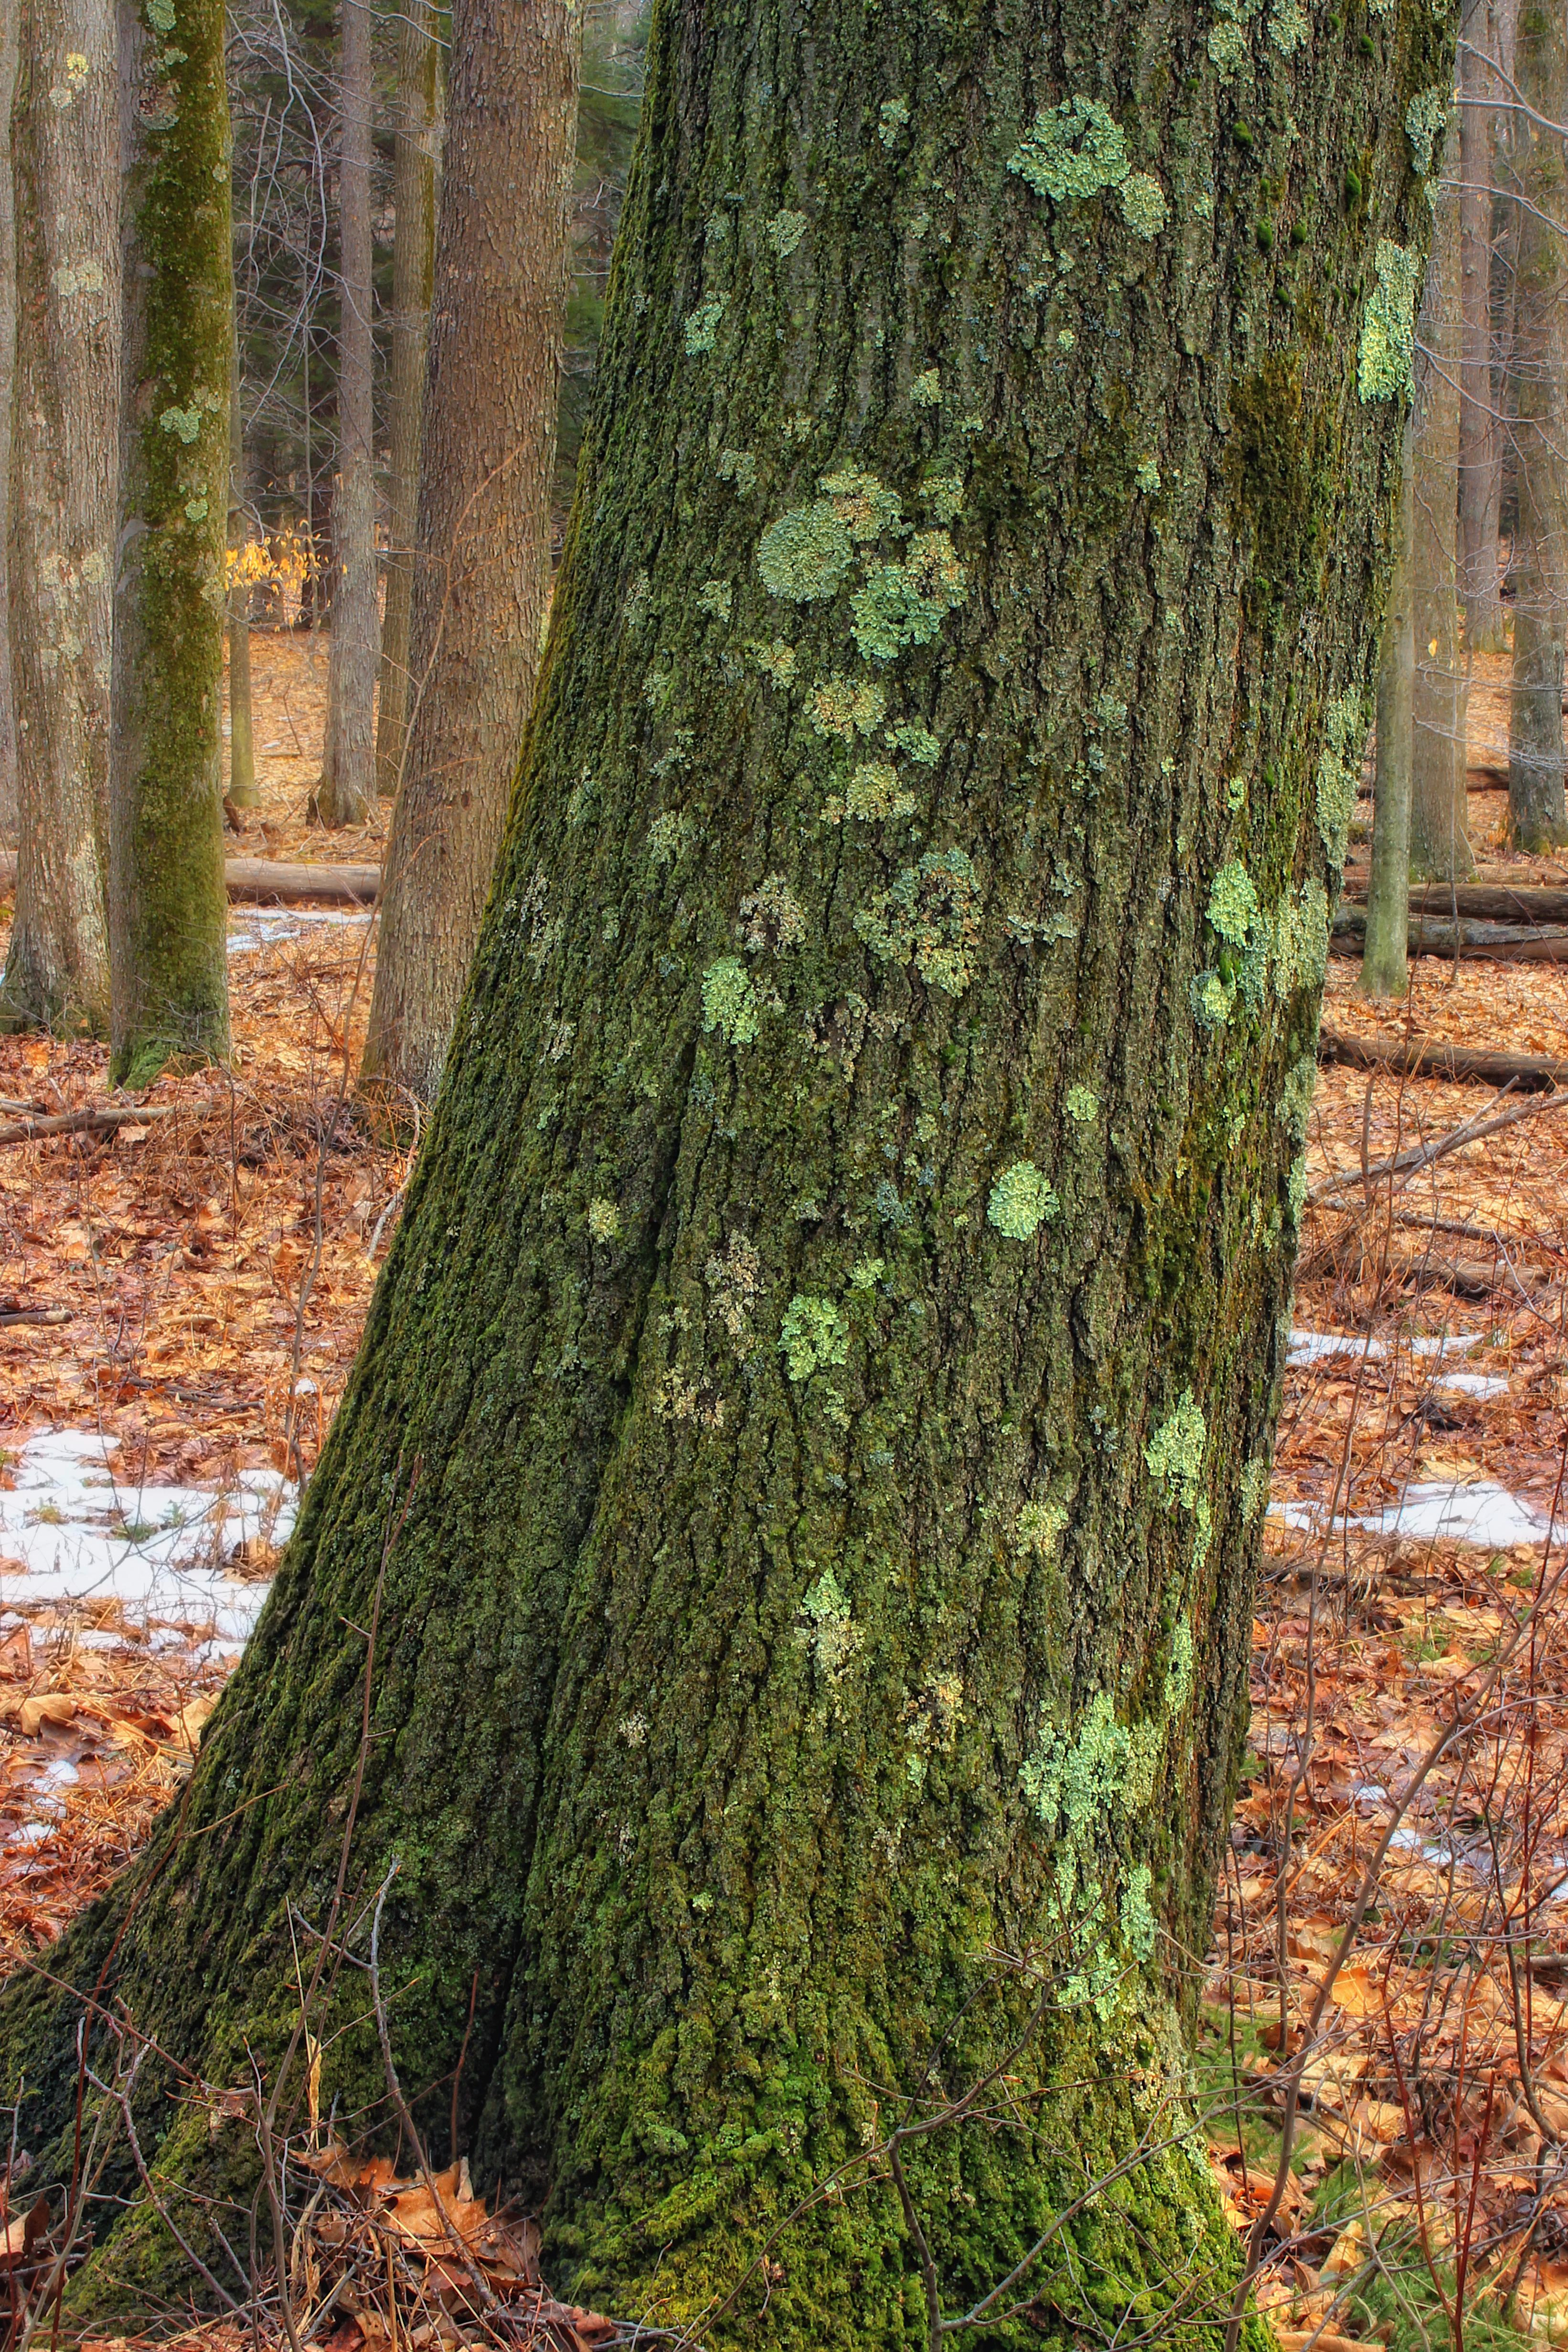 image libre bois arbre nature corce feuilles ch ne for t paysage cl ture. Black Bedroom Furniture Sets. Home Design Ideas